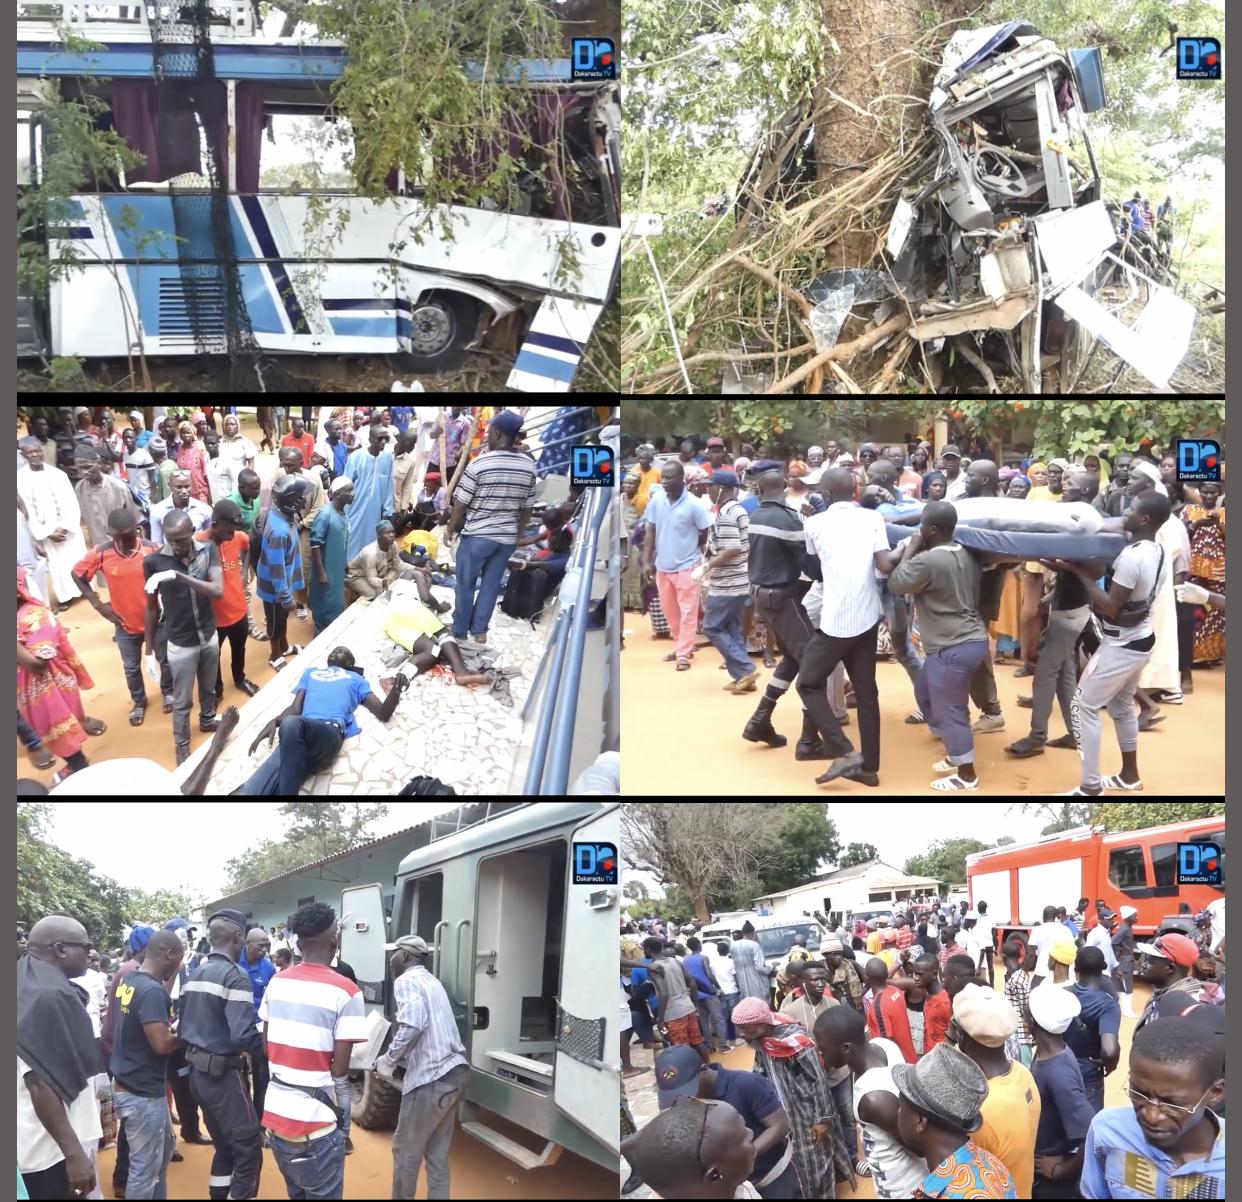 Sénégal / Les chiffres de l'hécatombe : 536 accidents, 18.390 victimes, 430 morts en 8 mois